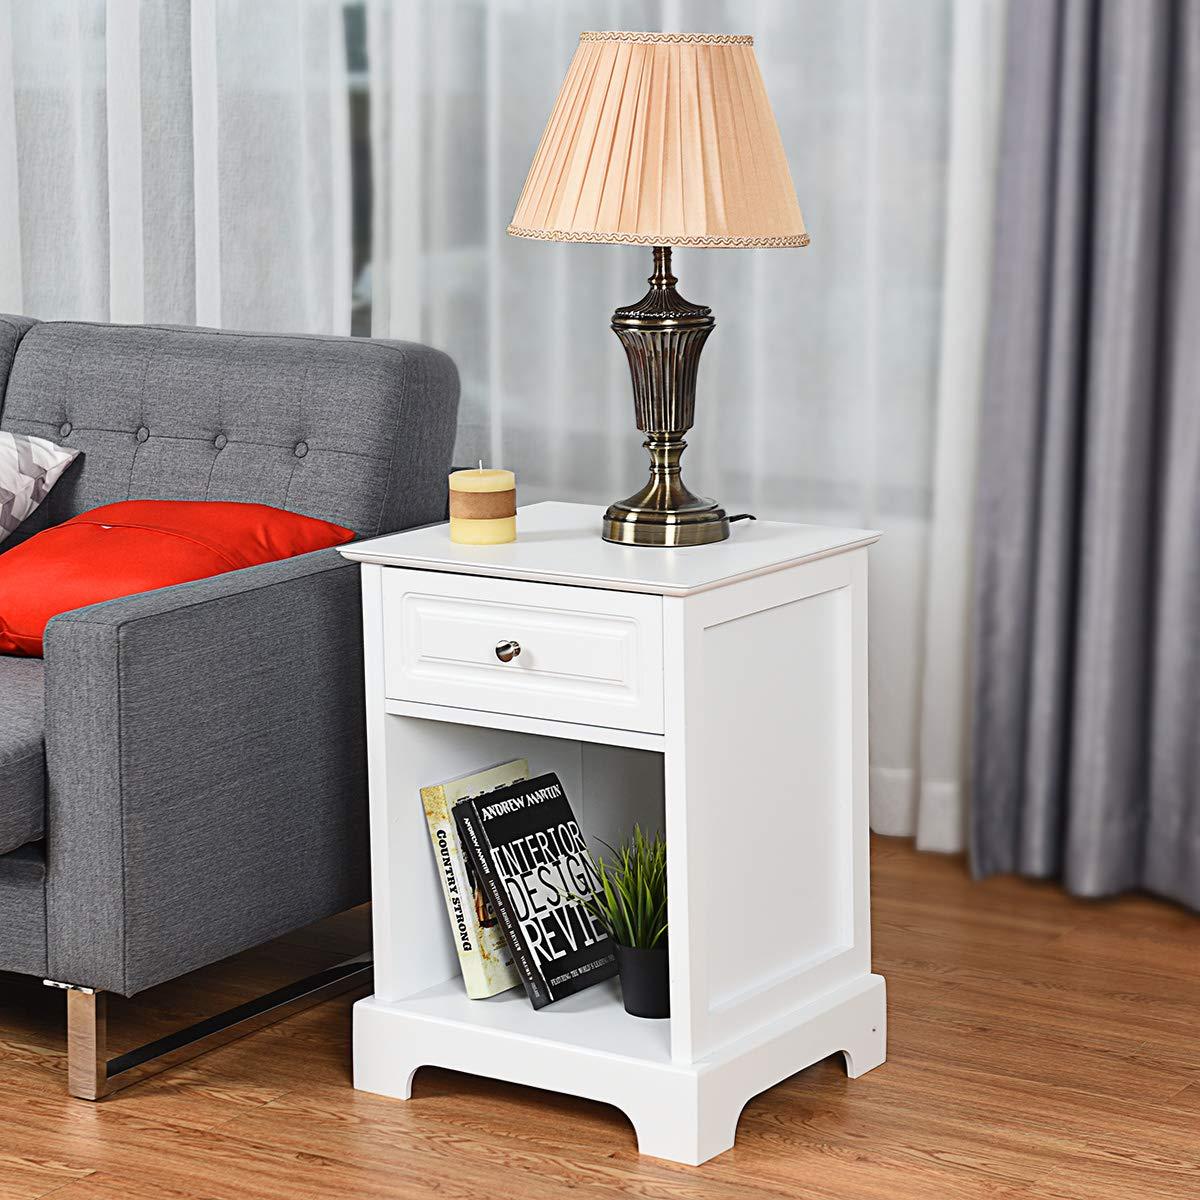 Amazon.com: Giantex - Soporte de noche con cajón abierto ...